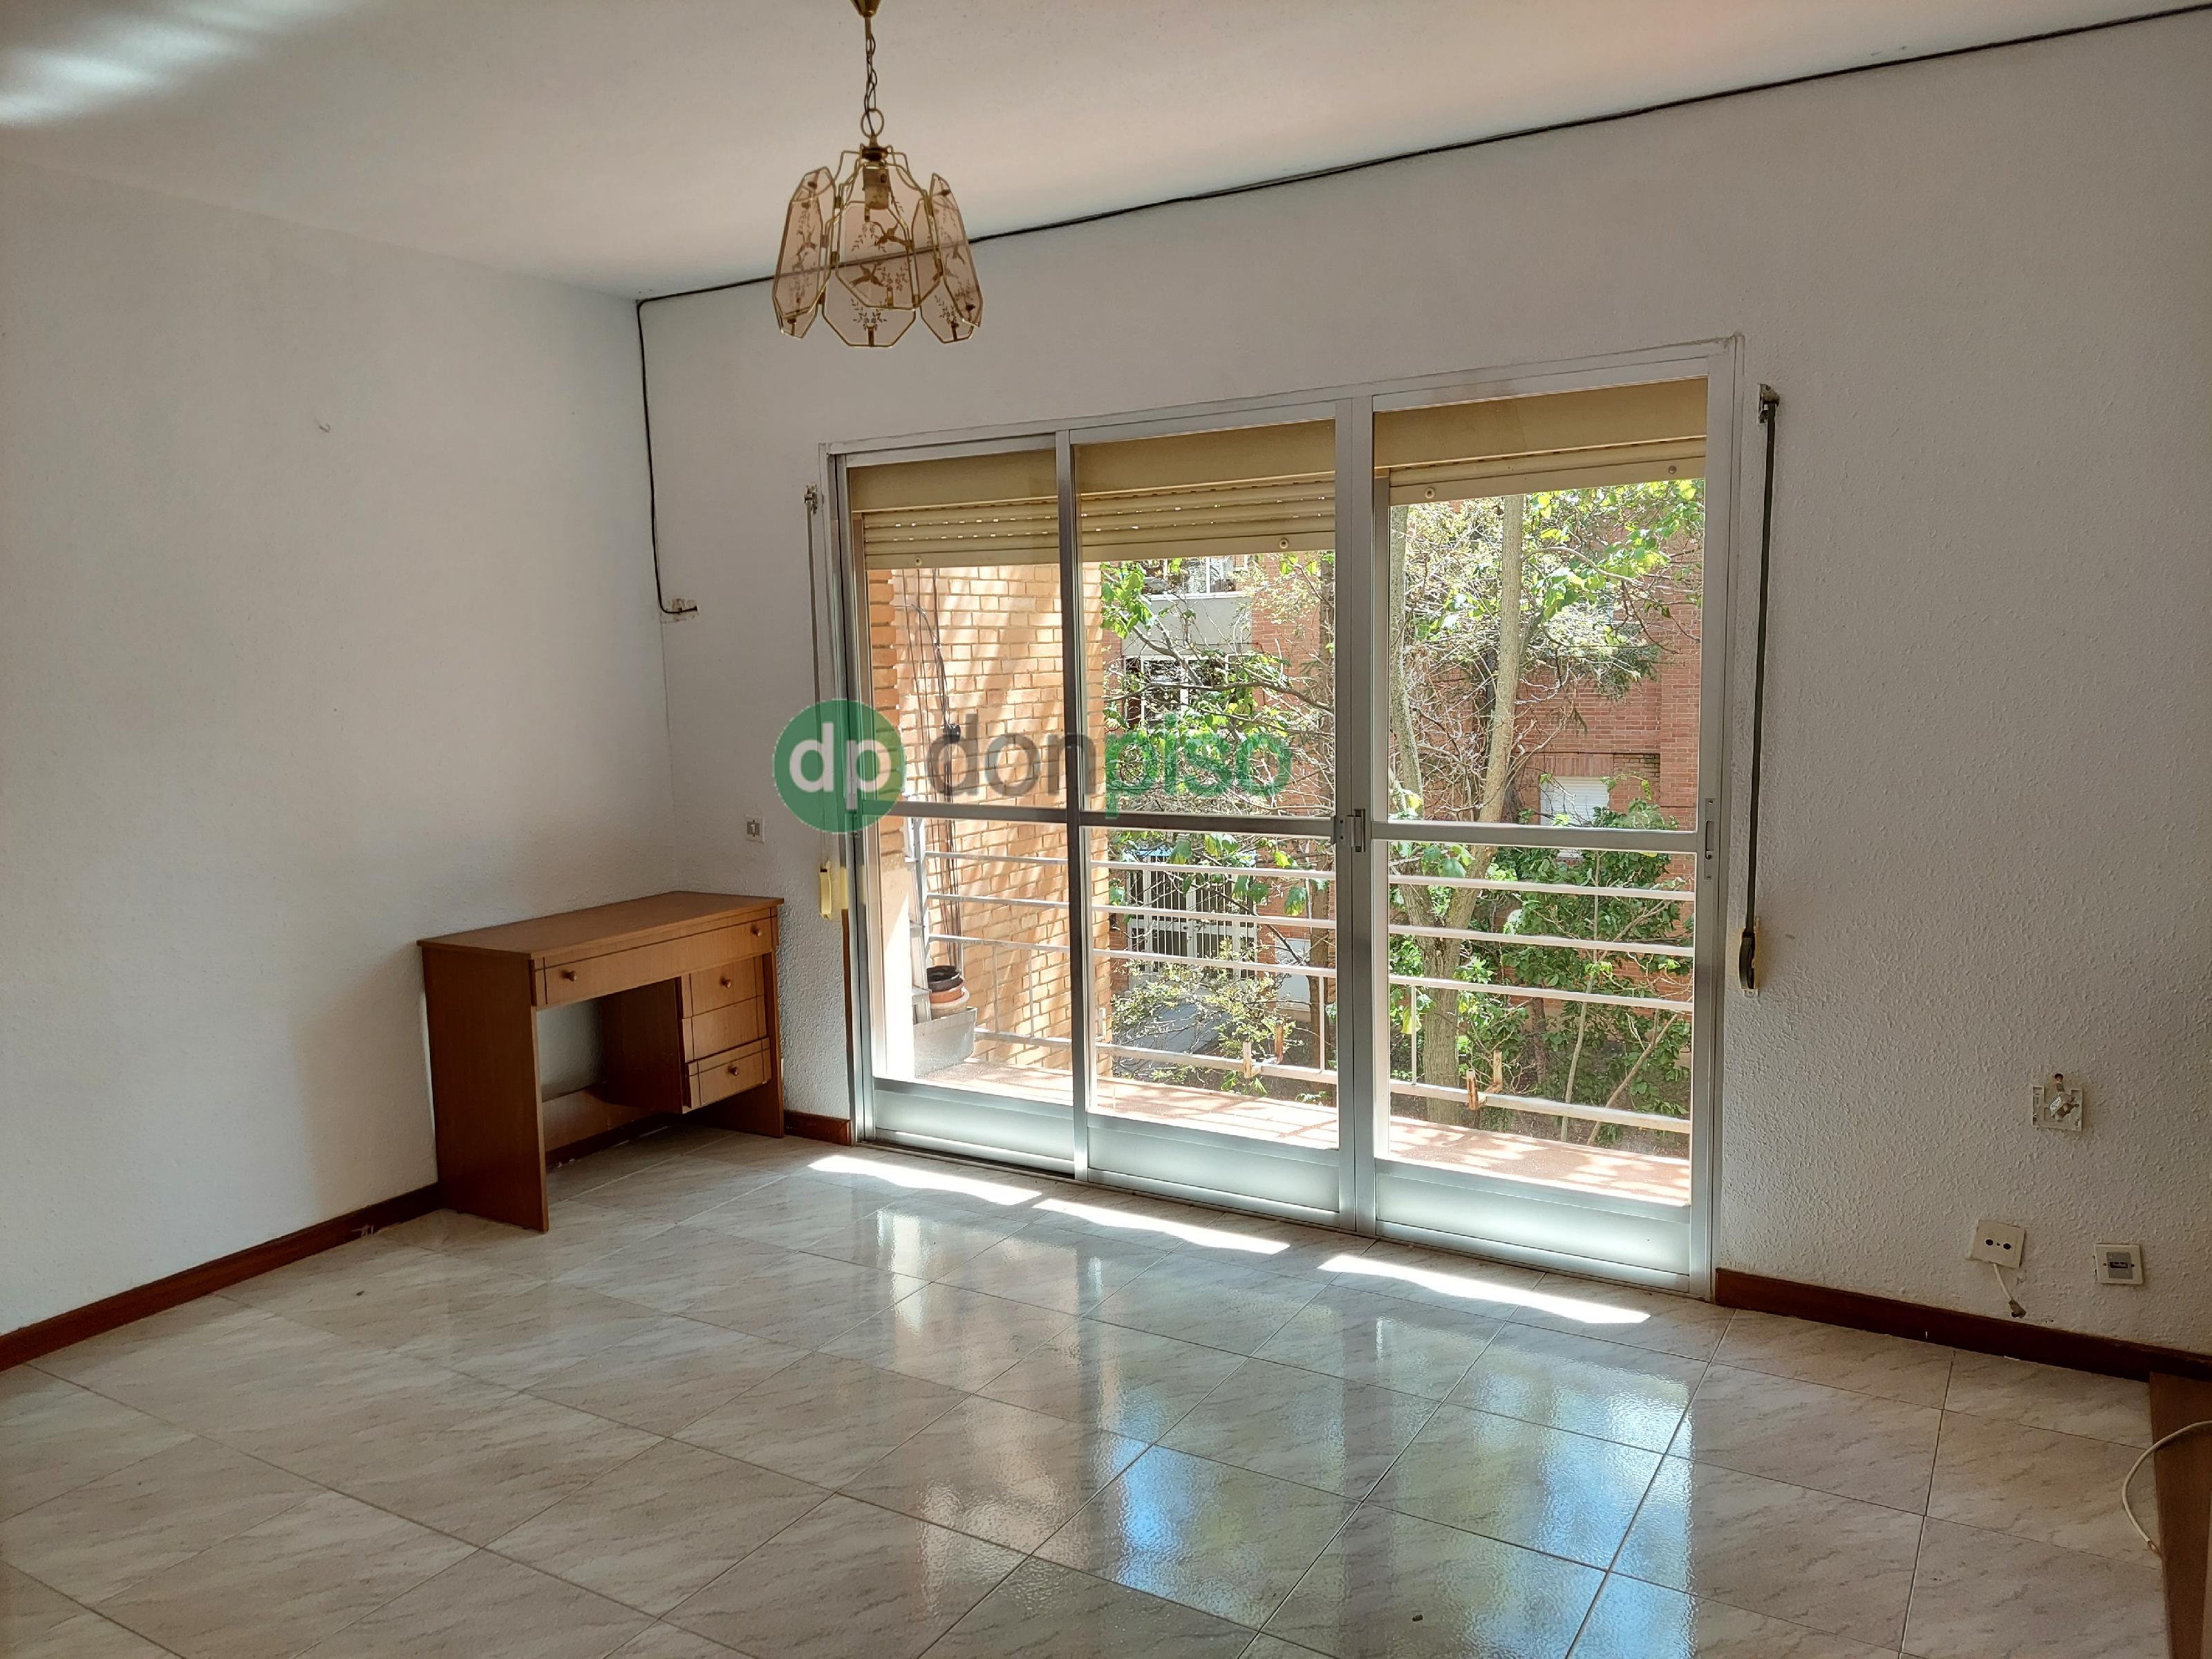 Imagen 2 Piso en venta en Guadalajara / Zona Calle Cifuentes